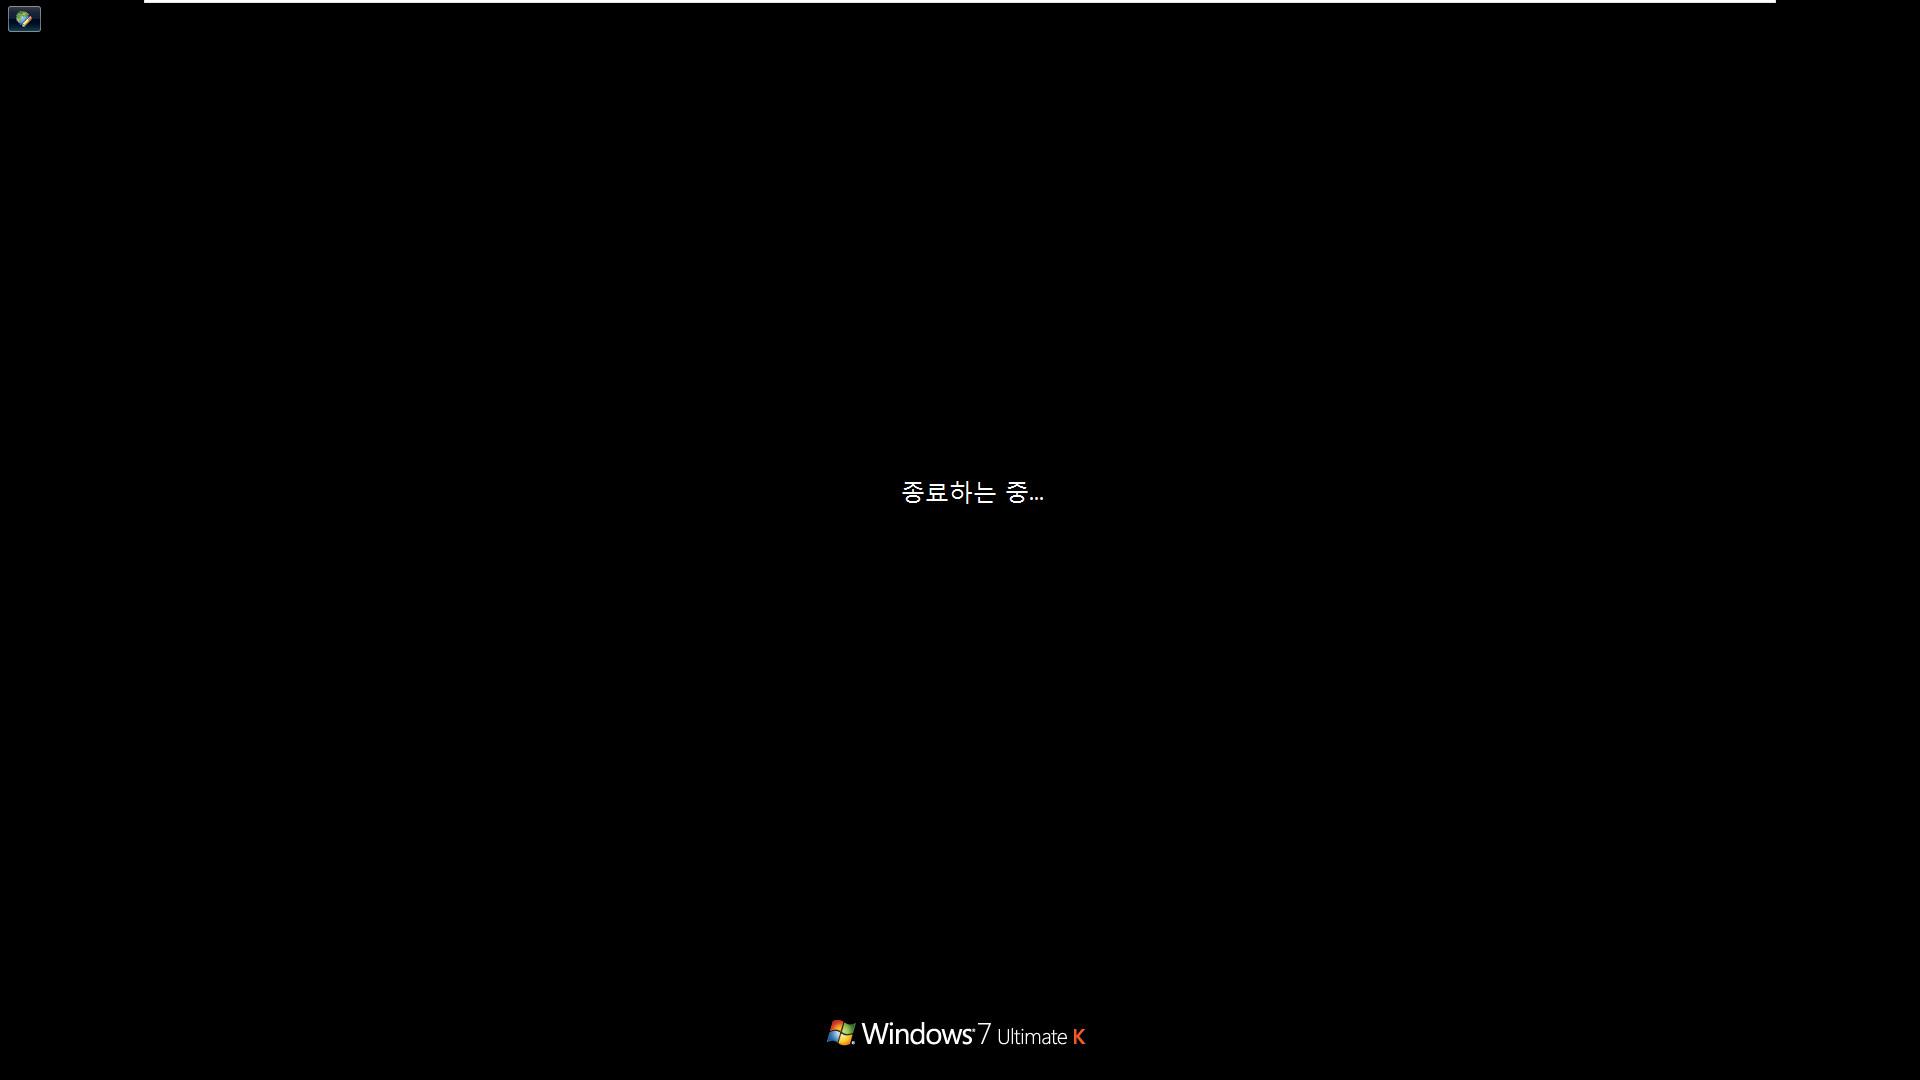 imageres.dll적용 테스트 - Windows 10 ROG EDITION 2020 v7 - 버전 20H2만 적용되네요 2021-04-29_150805.jpg